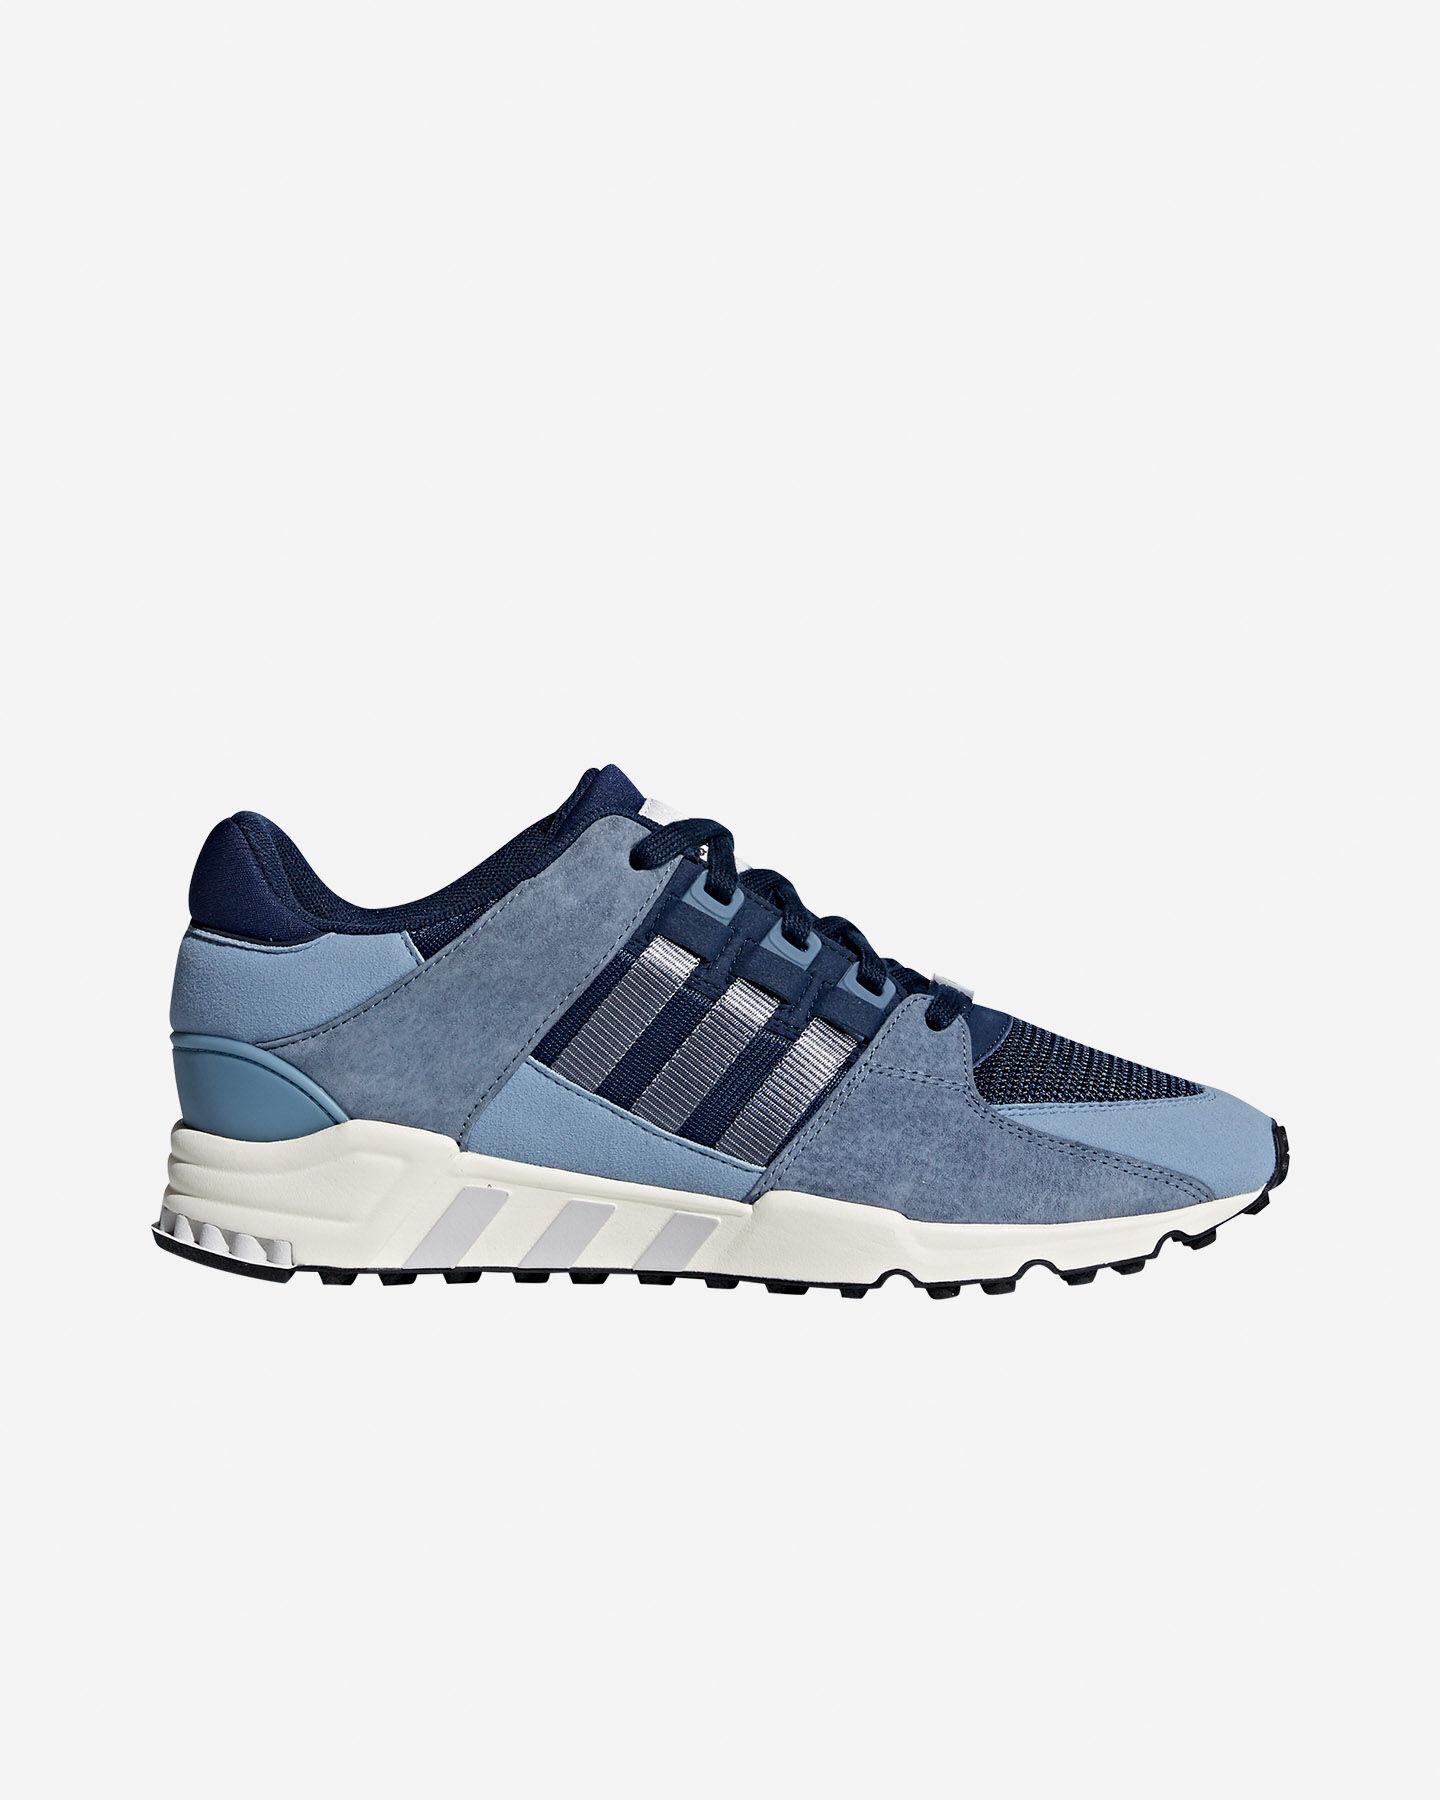 new styles e5a87 3f978 ADIDAS EQUIPMENT RUNNING support RF Sneaker Tg. 44 Sport Scarpe Scarpe Da  Corsa Nuovo